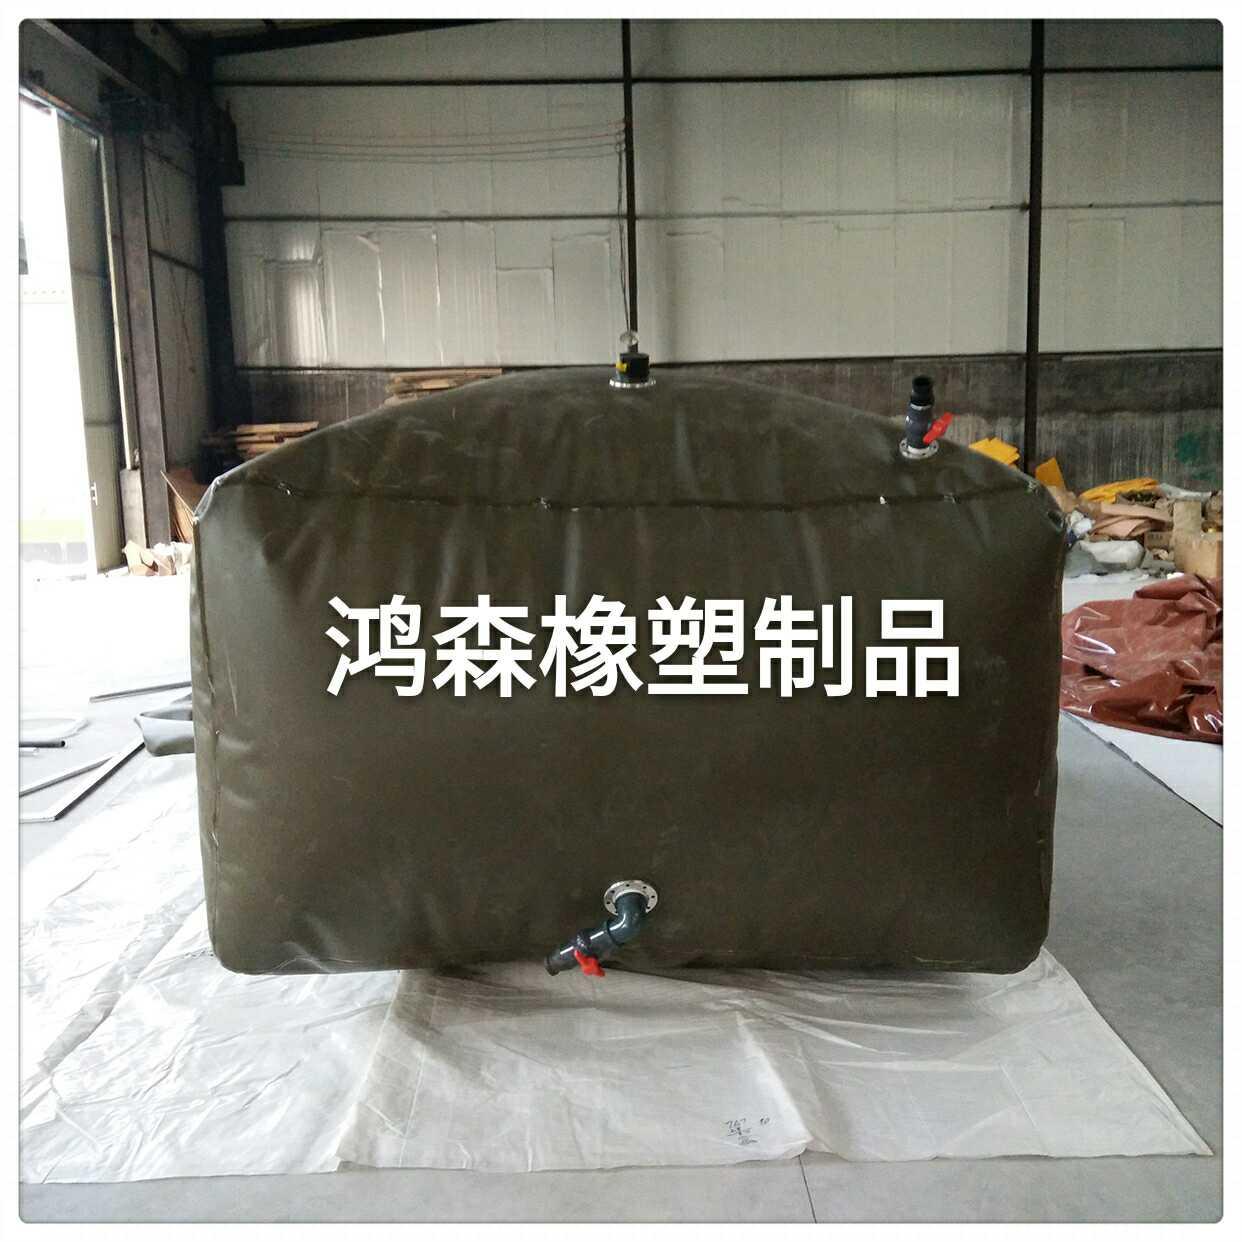 Горячей автомобиль транспортировать мягкий тело сложить полиуретан T кожзаменитель утолщённый сопротивление мельница масло мешок масло мешок магазин масленка